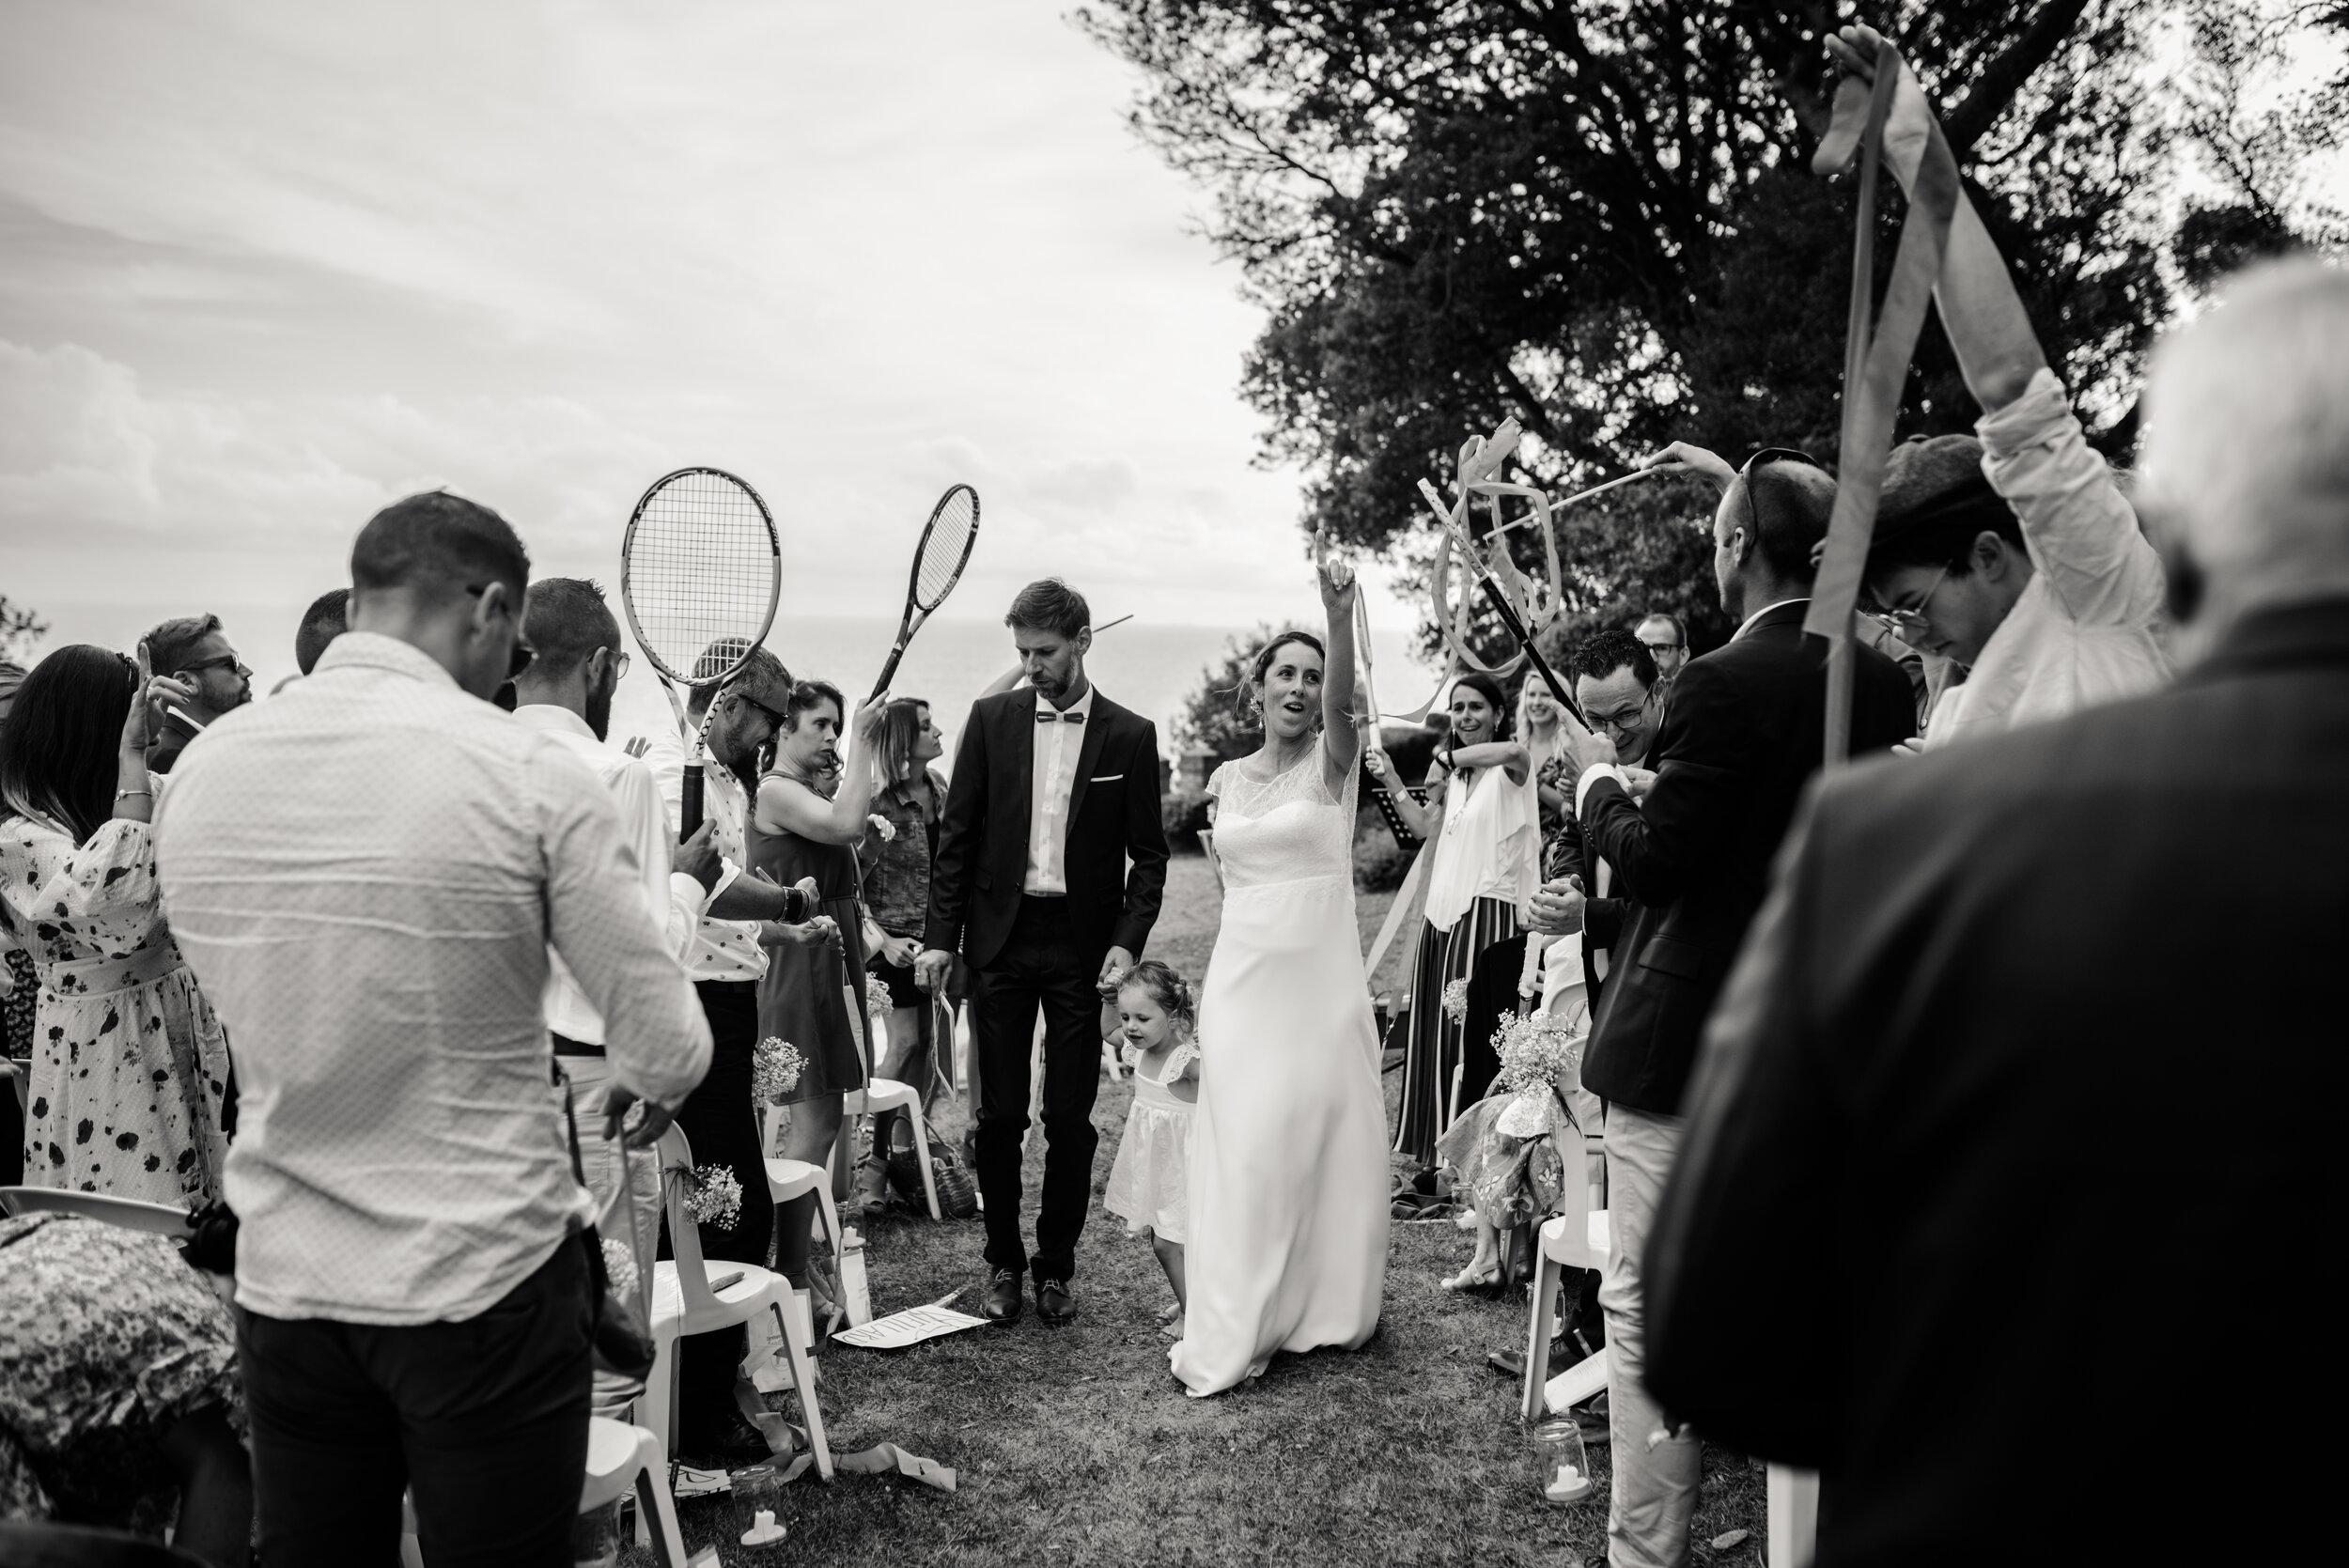 Léa-Fery-photographe-professionnel-Bretagne-portrait-creation-mariage-evenement-evenementiel-famille-7157.jpg